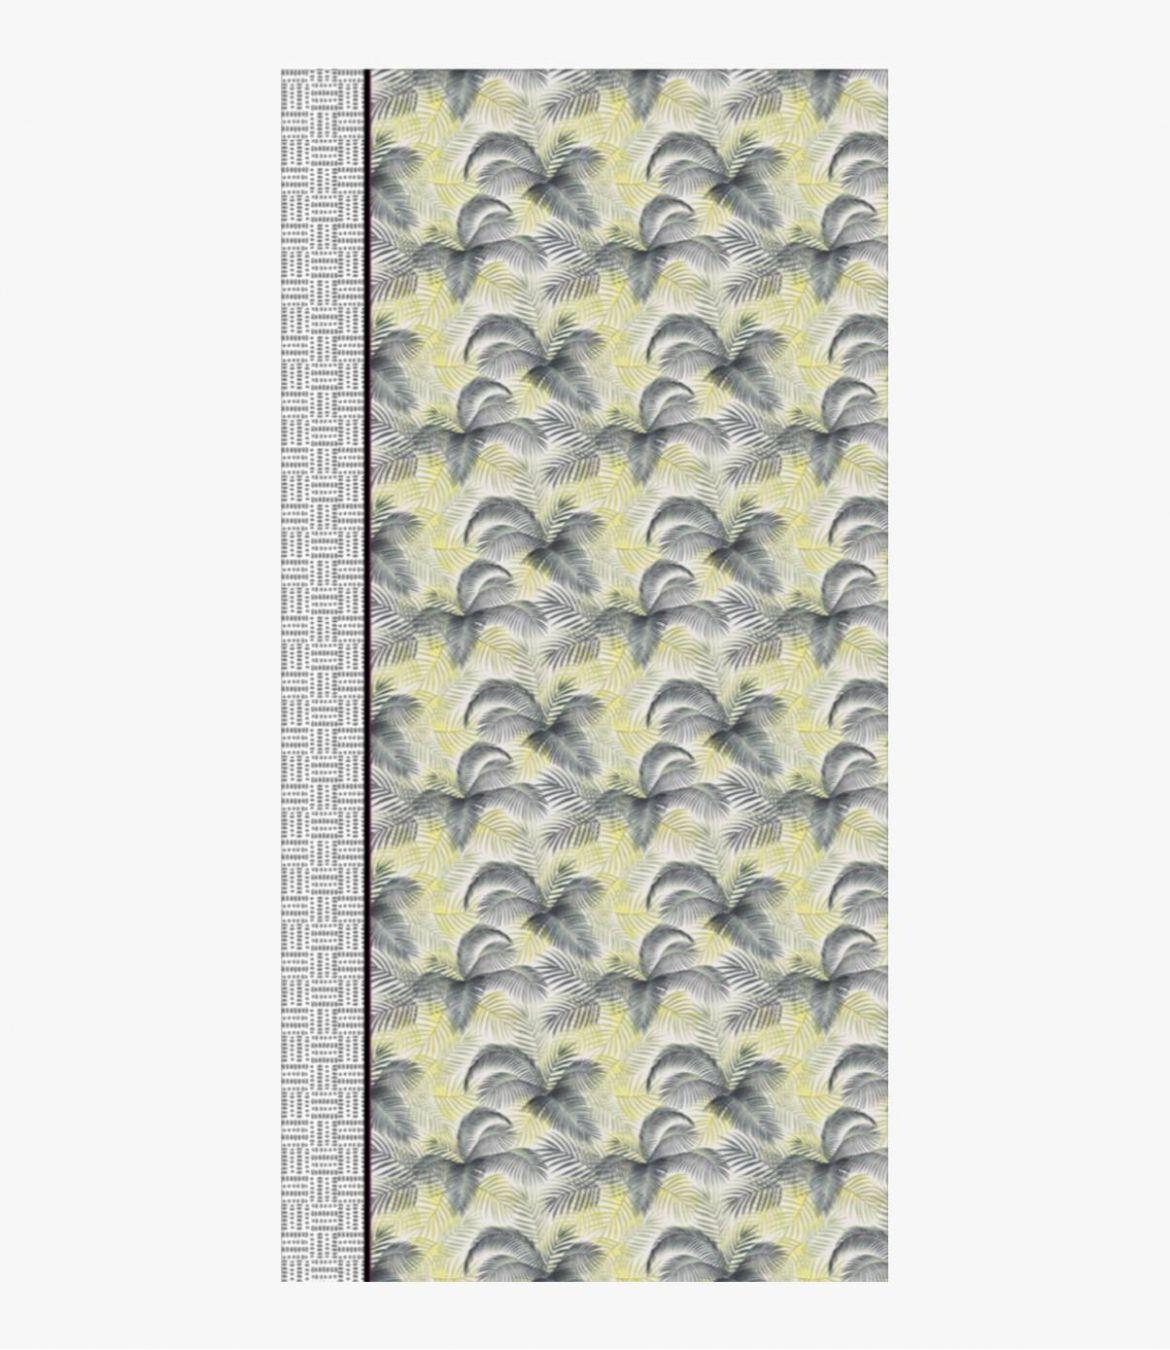 PEPITO Foulard en Coton pour Homme 100x200 cm Storiatipic - 2